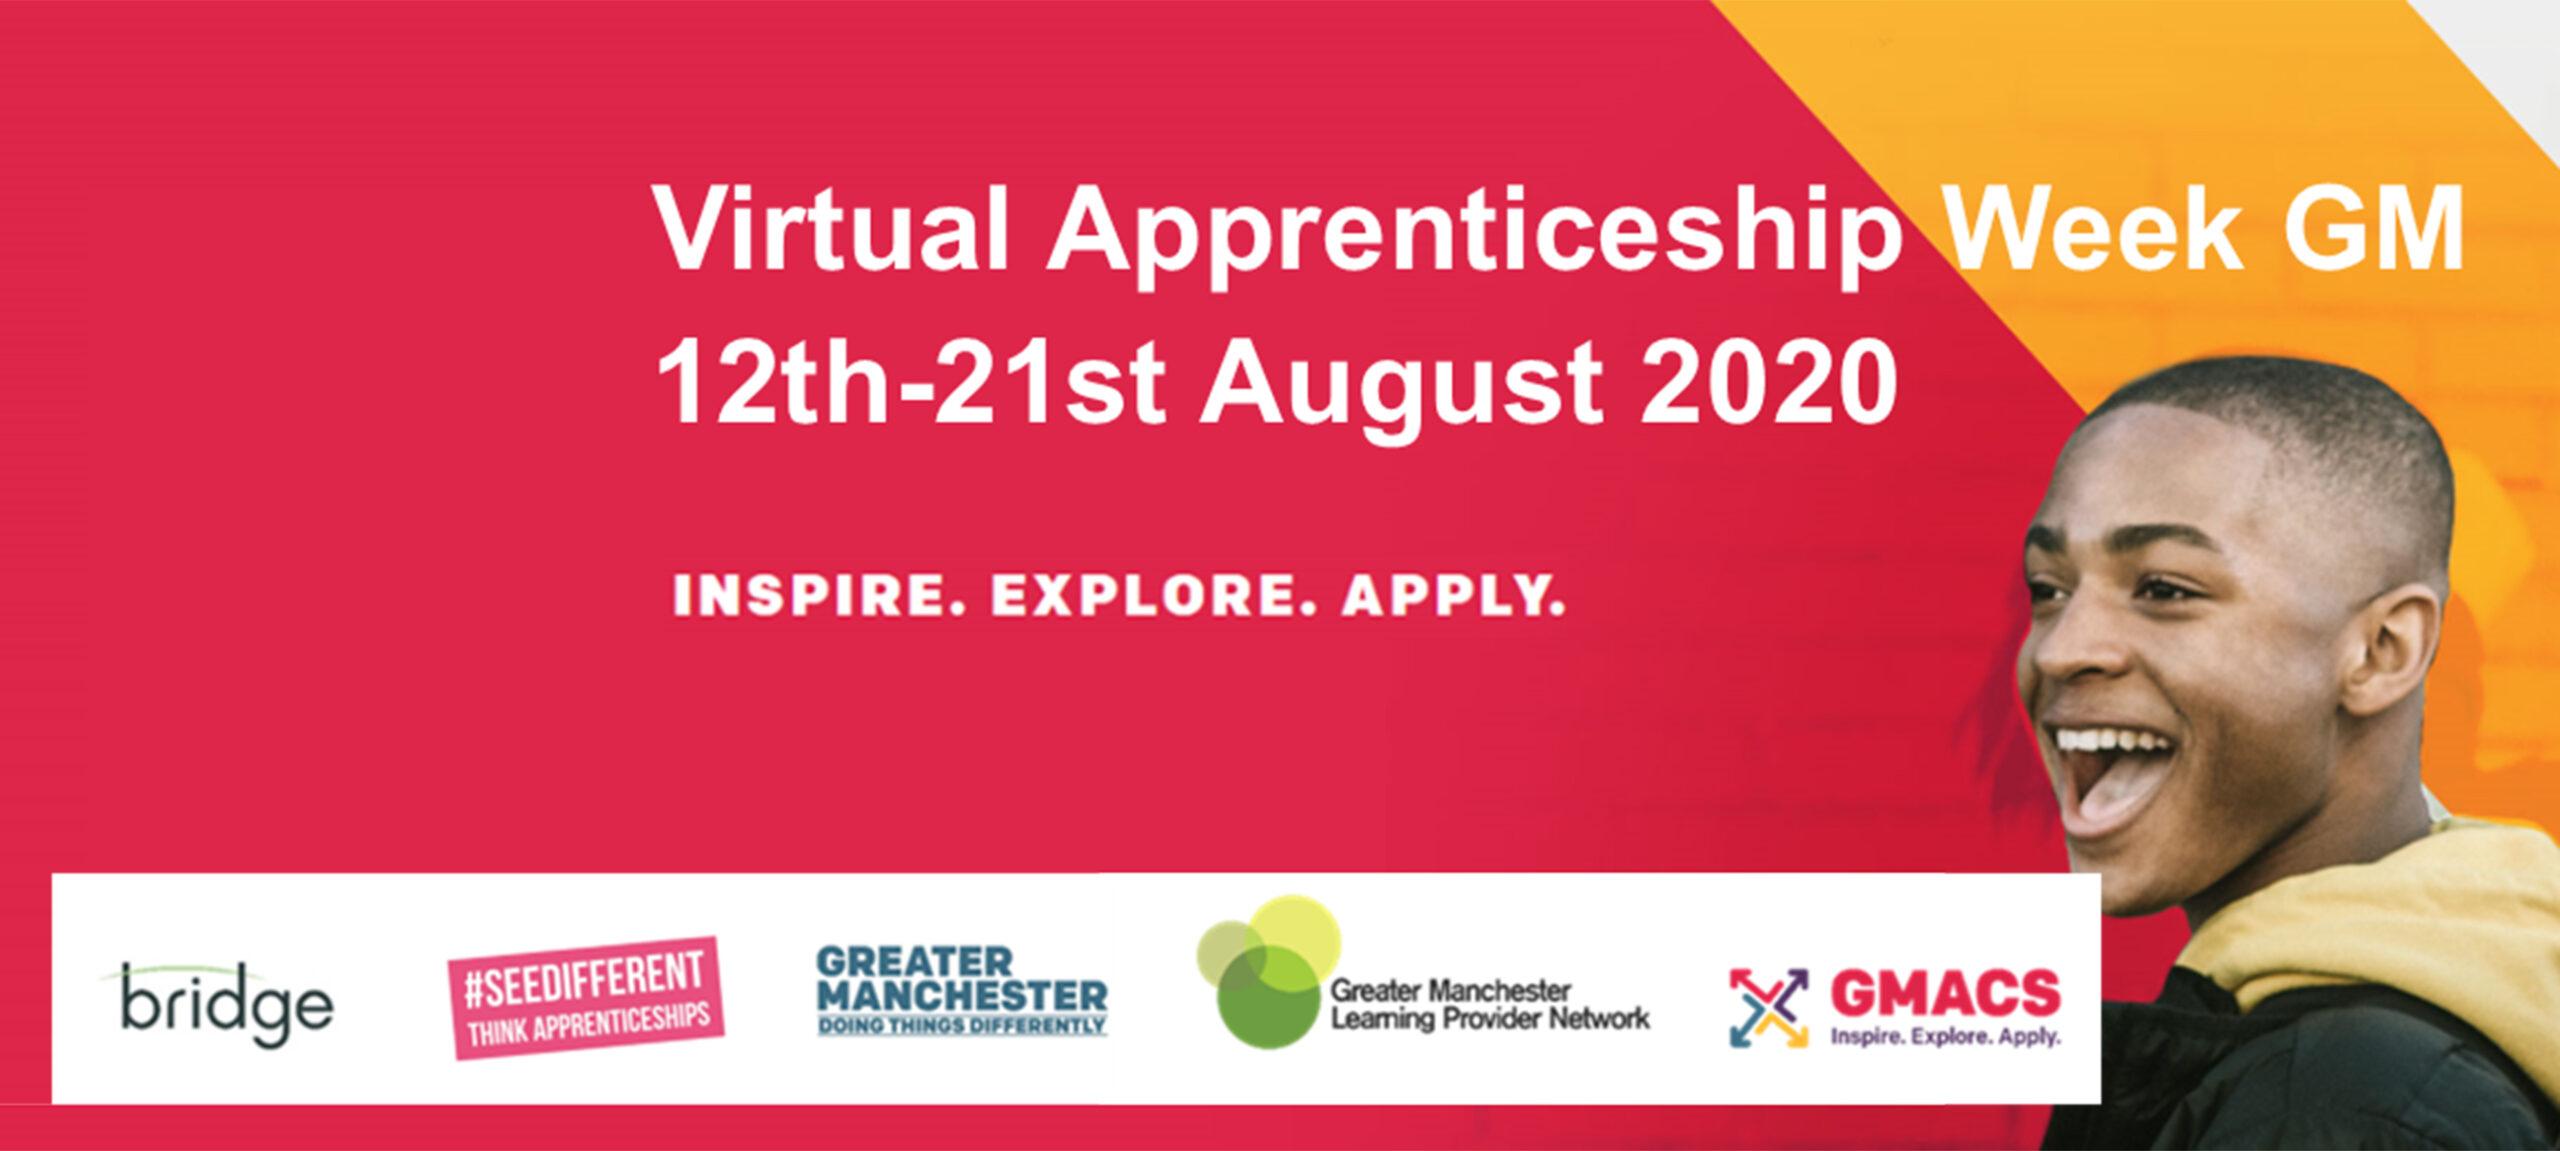 #Virtual Apprenticeship Week GM